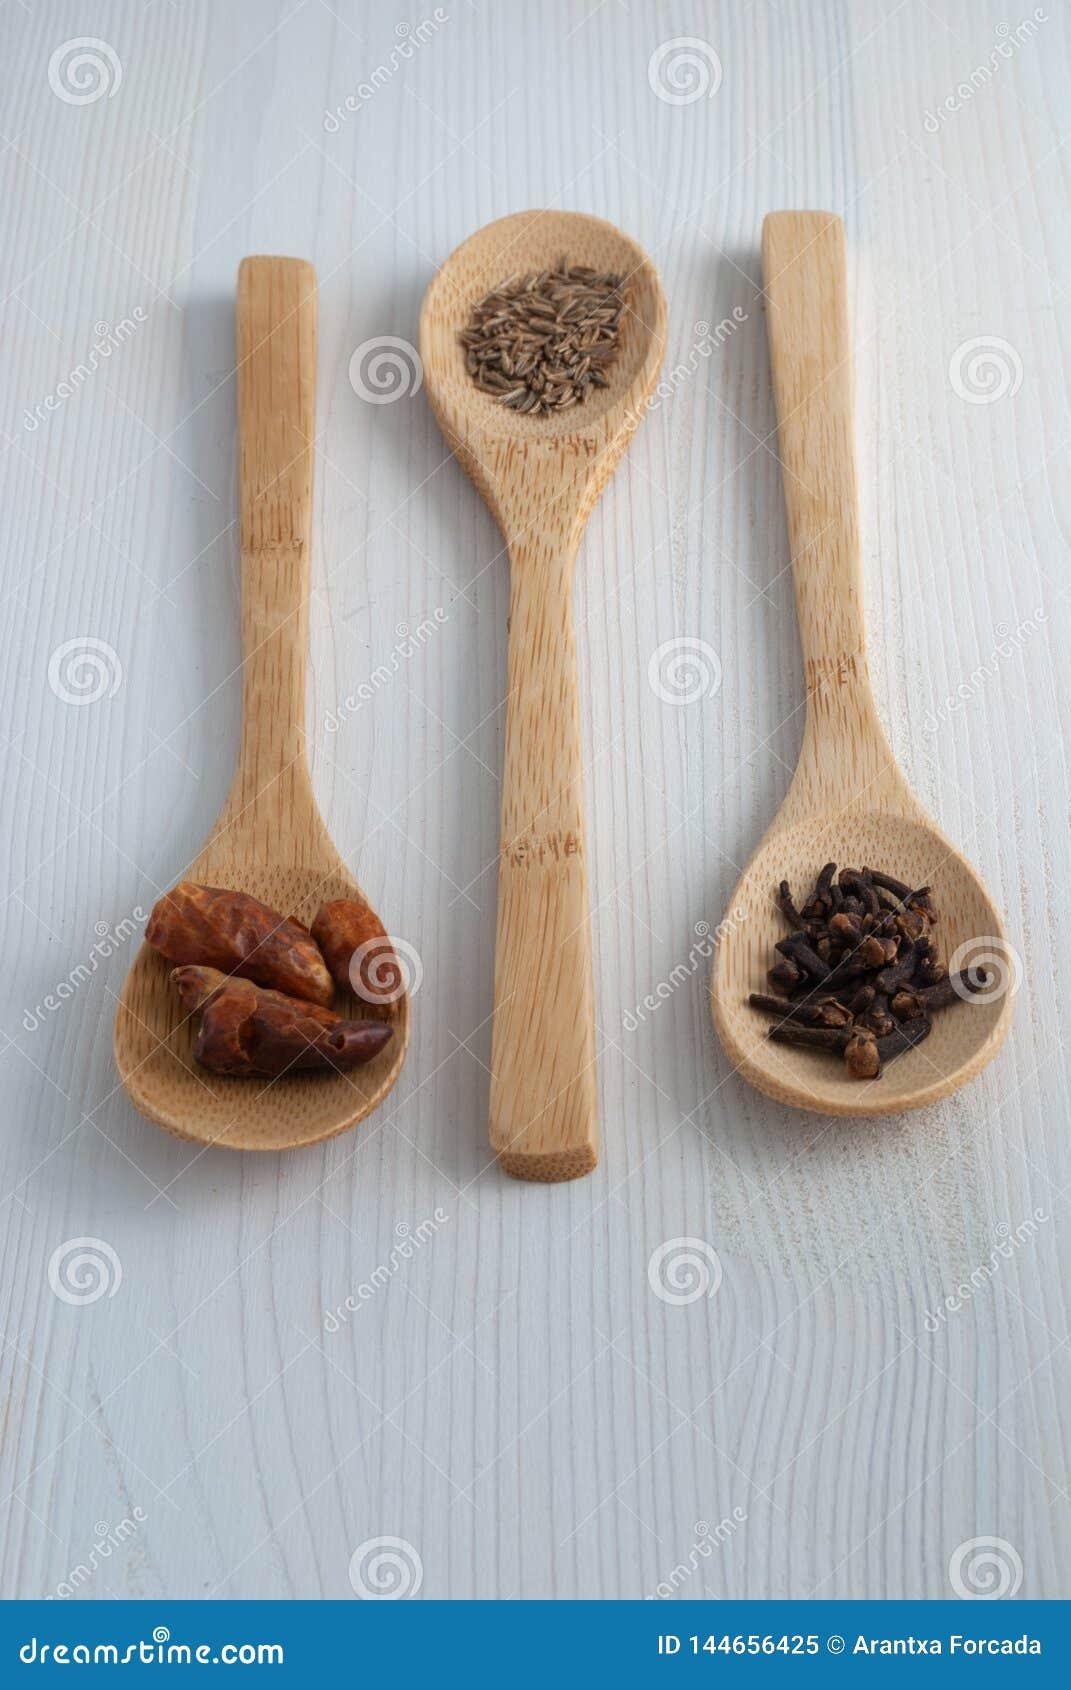 Взгляд сверху 3 деревянных ложек со специями